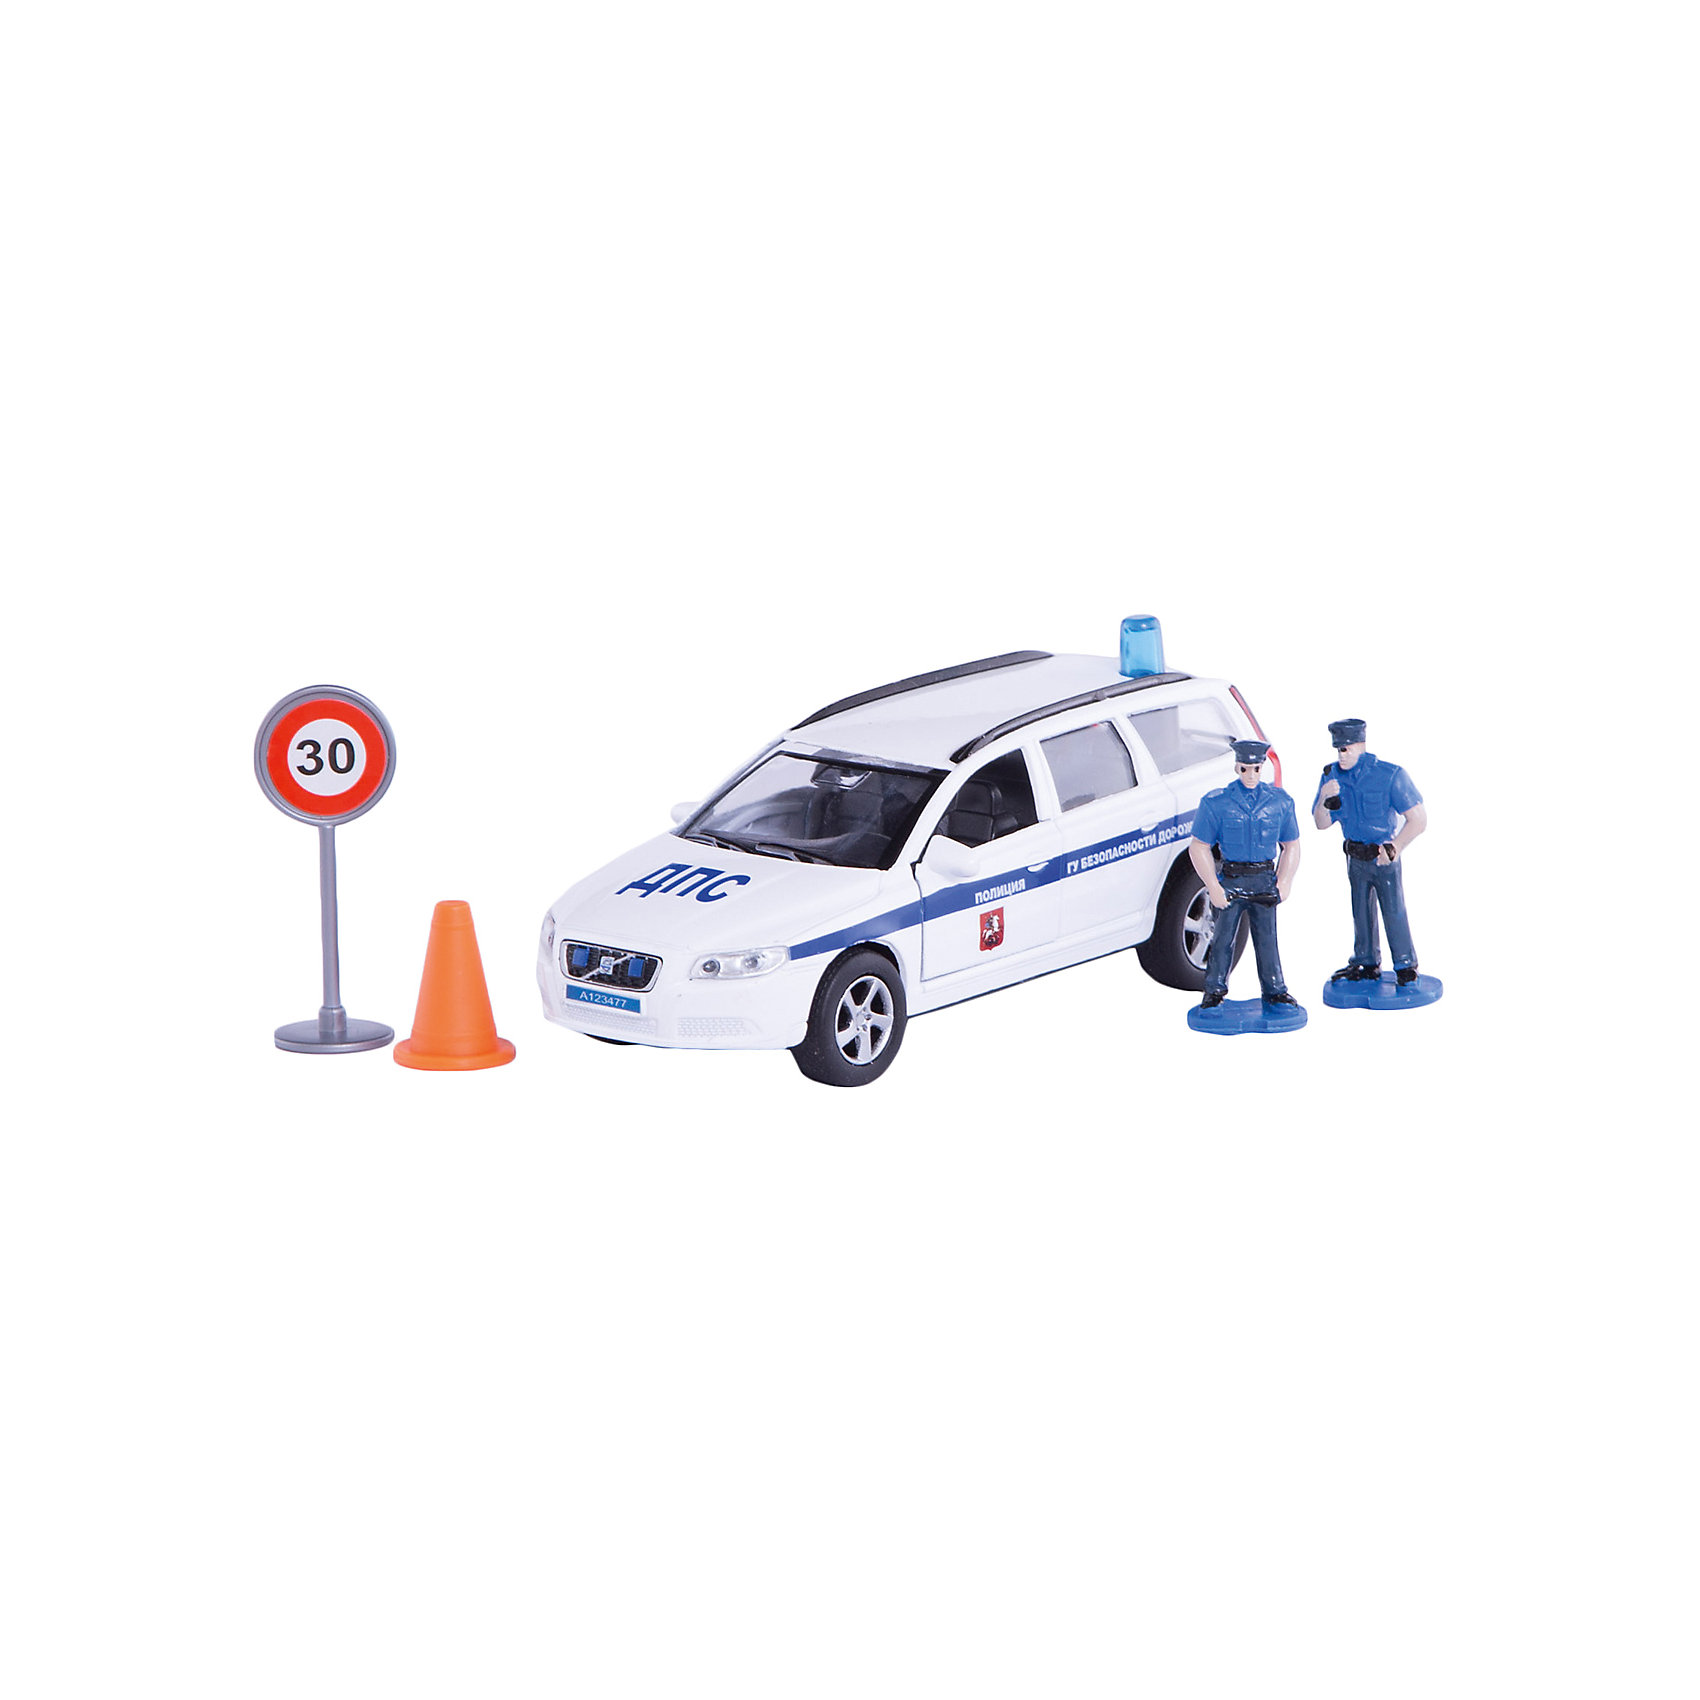 Пламенный мотор Машина Volvo Полиция ДПС ГУ БДД, 1:32, со светом и звуком, Пламенный мотор машина пламенный мотор volvo v70 дпс 870082